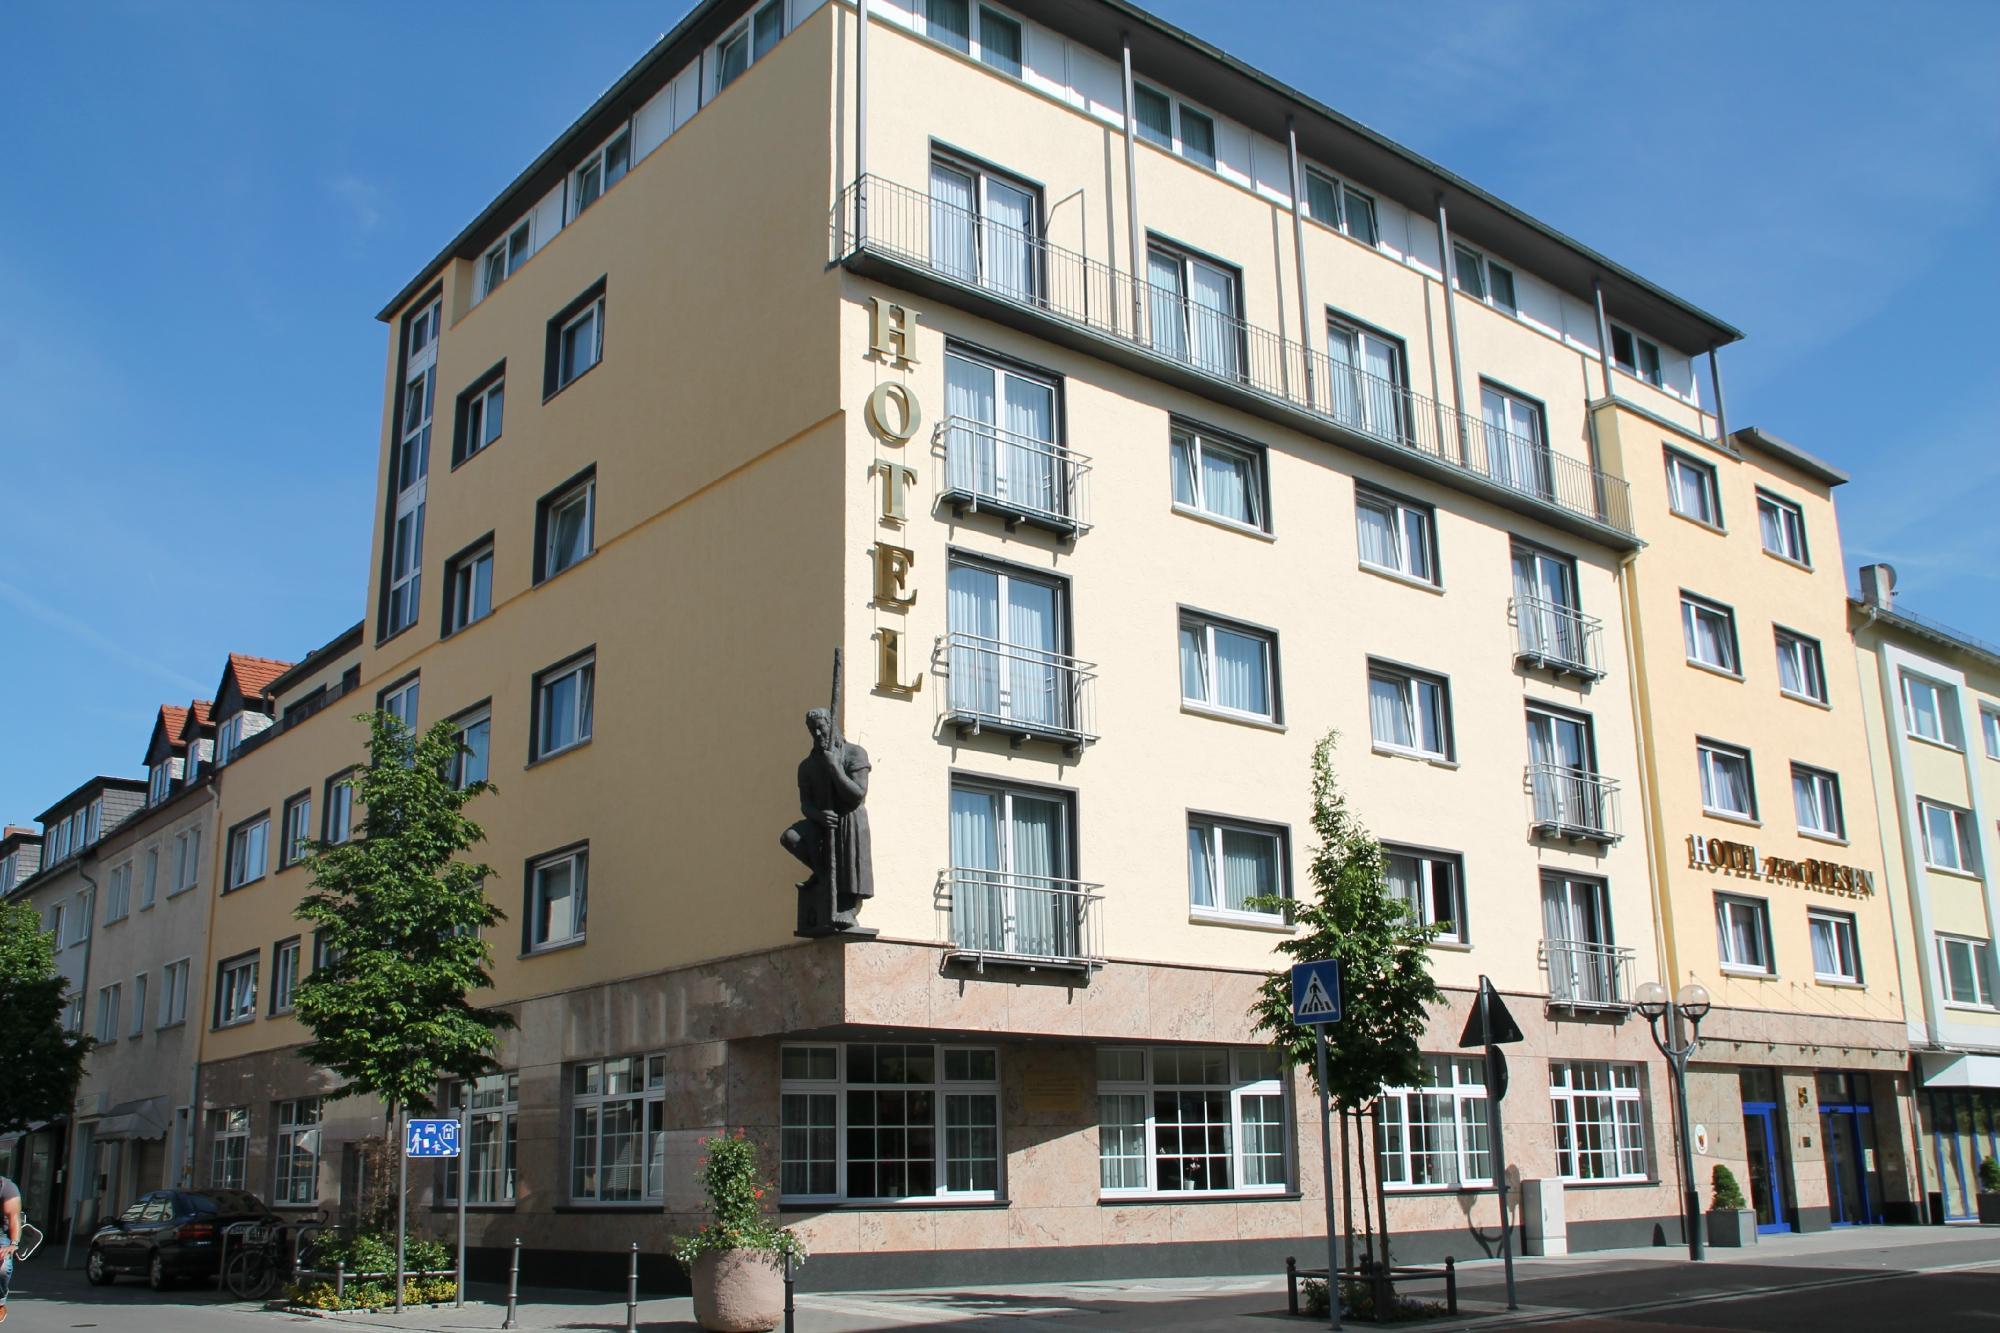 Hotel Zum Riesen